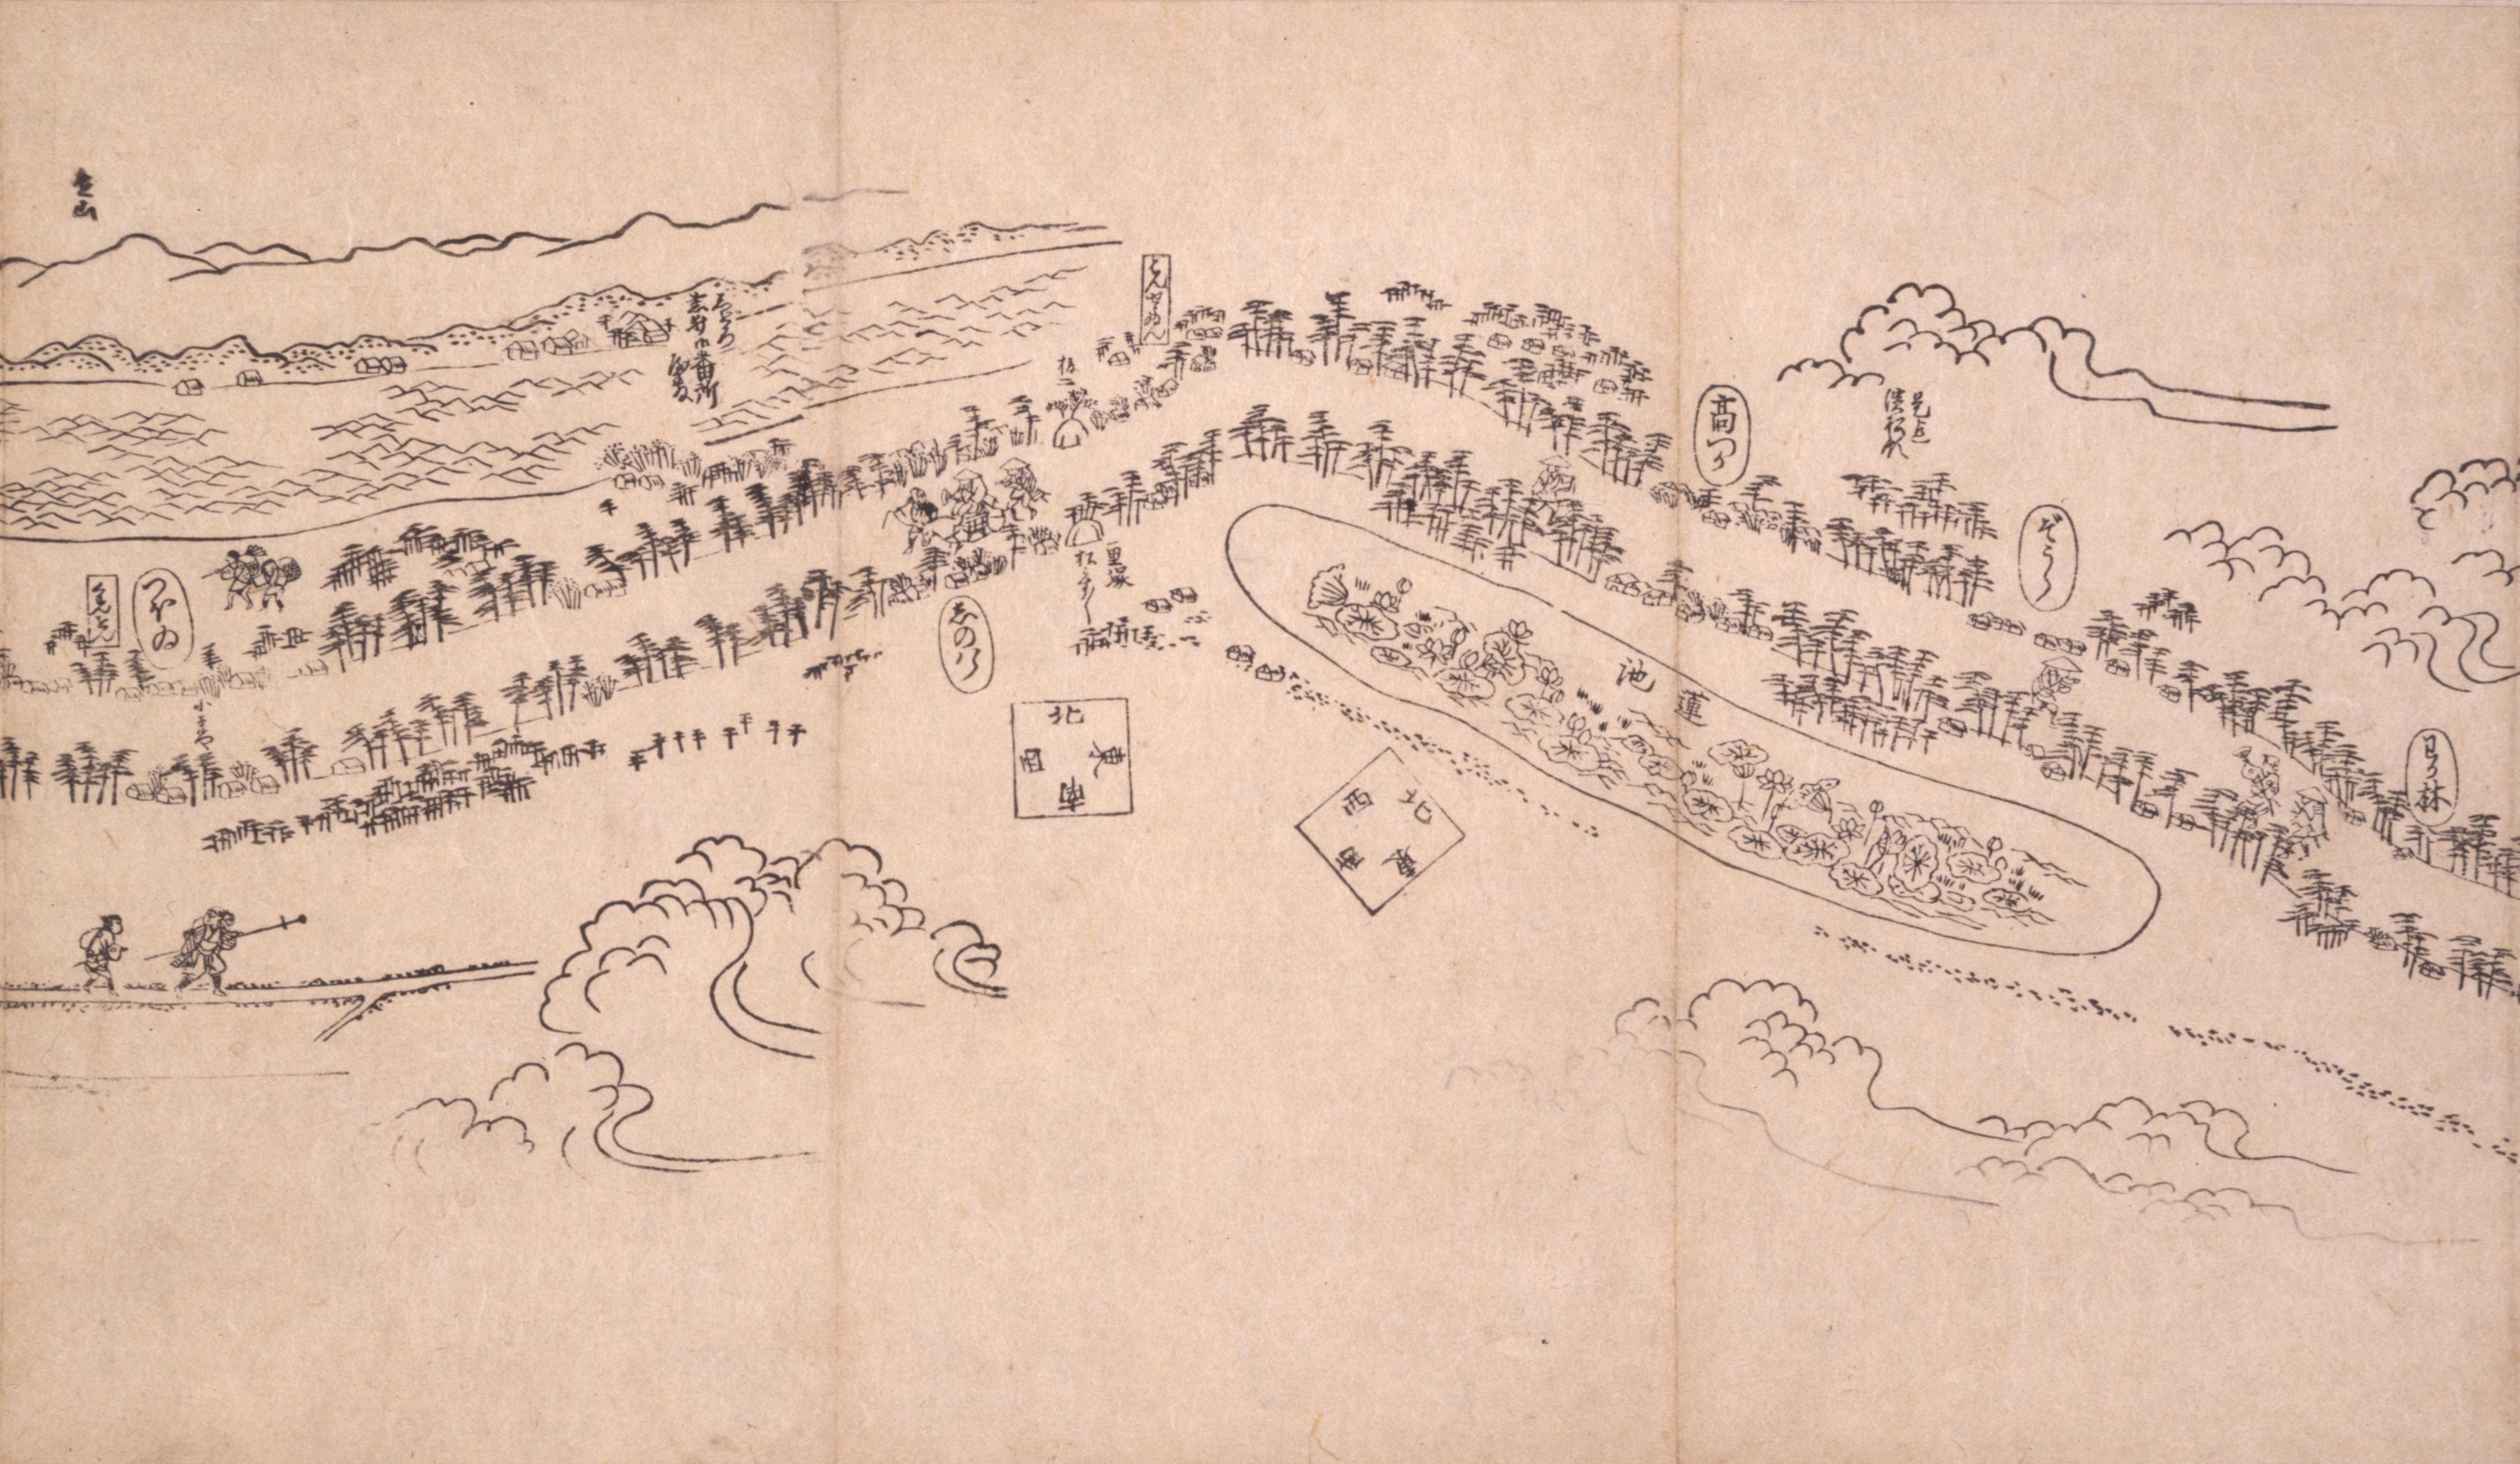 東海道分間之図 四十四